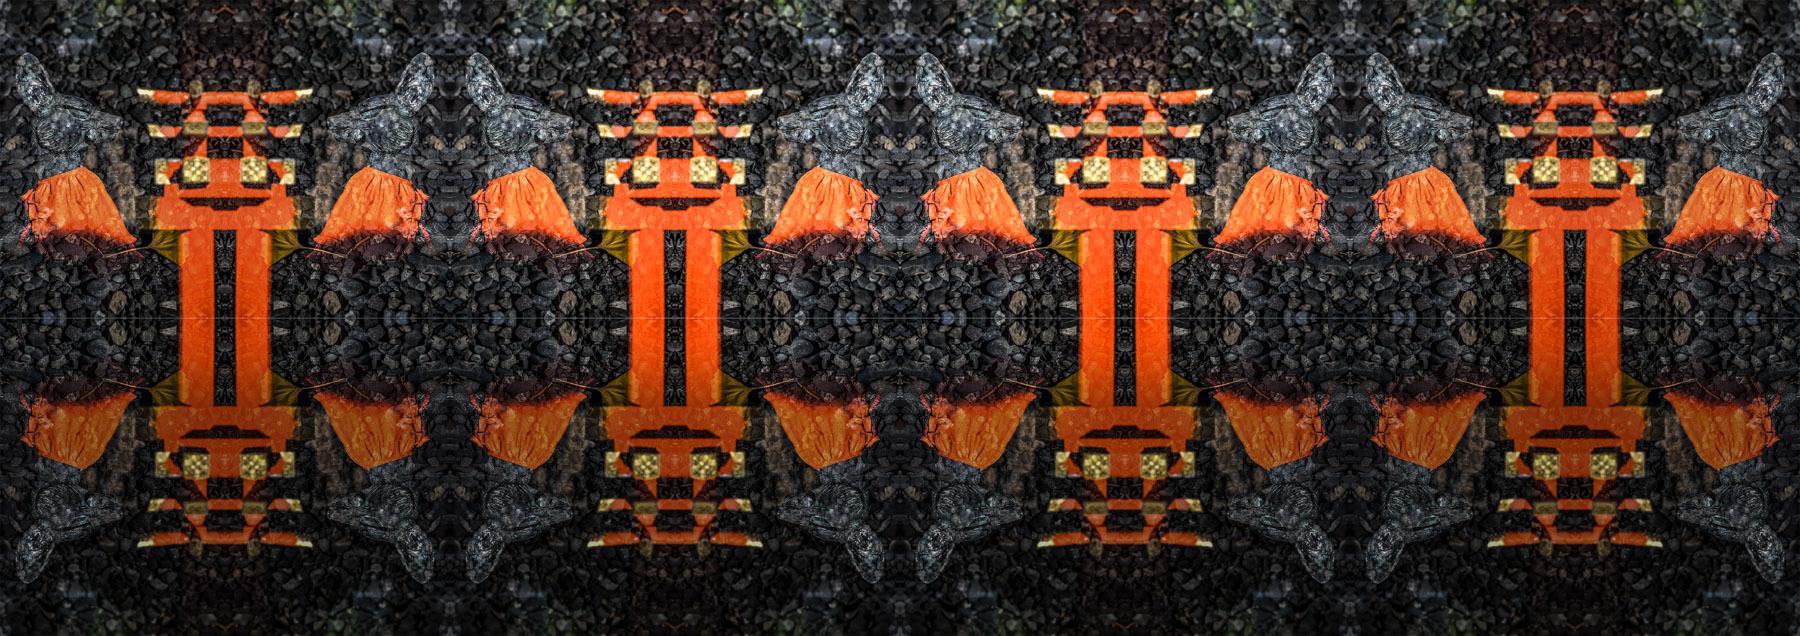 IMGP4626-Edit-Edit.jpg